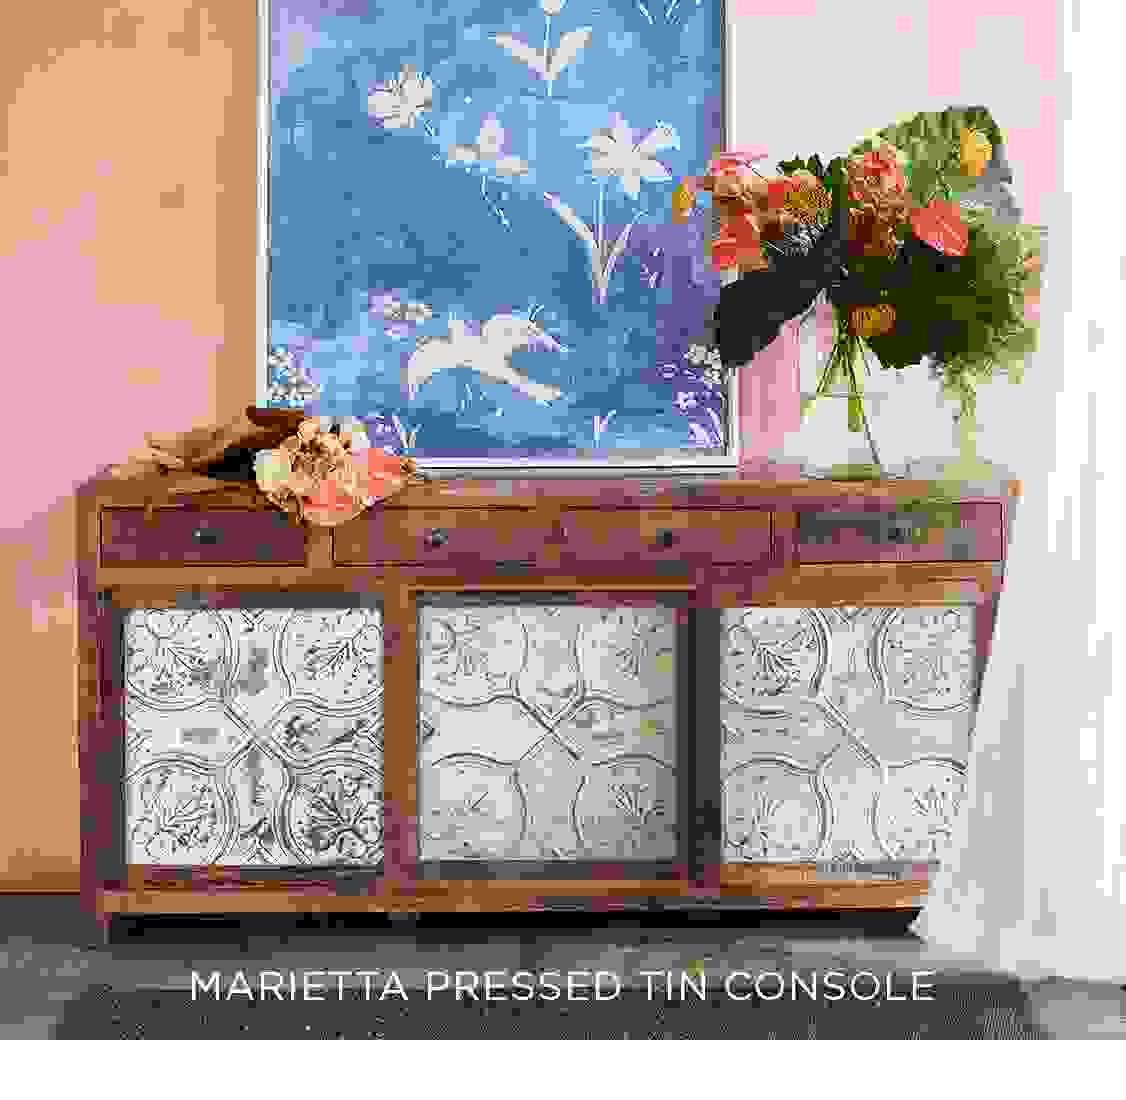 Marietta Pressed Tin Console